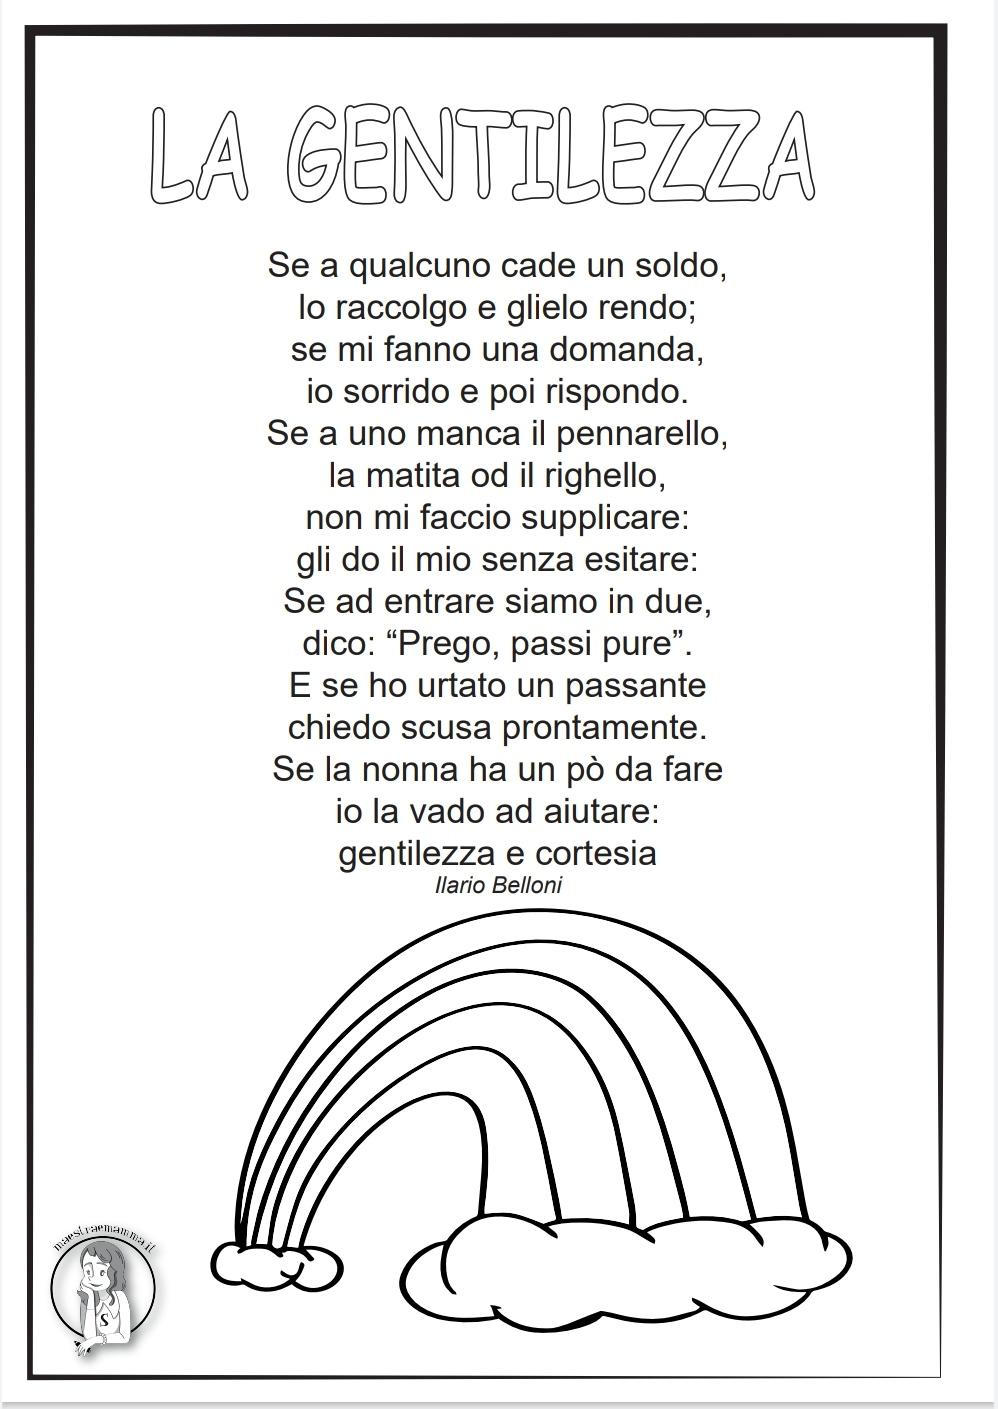 """""""La gentilezza"""" - poesia di Ilario Belloni 13 novembre settimana della gentilezza"""